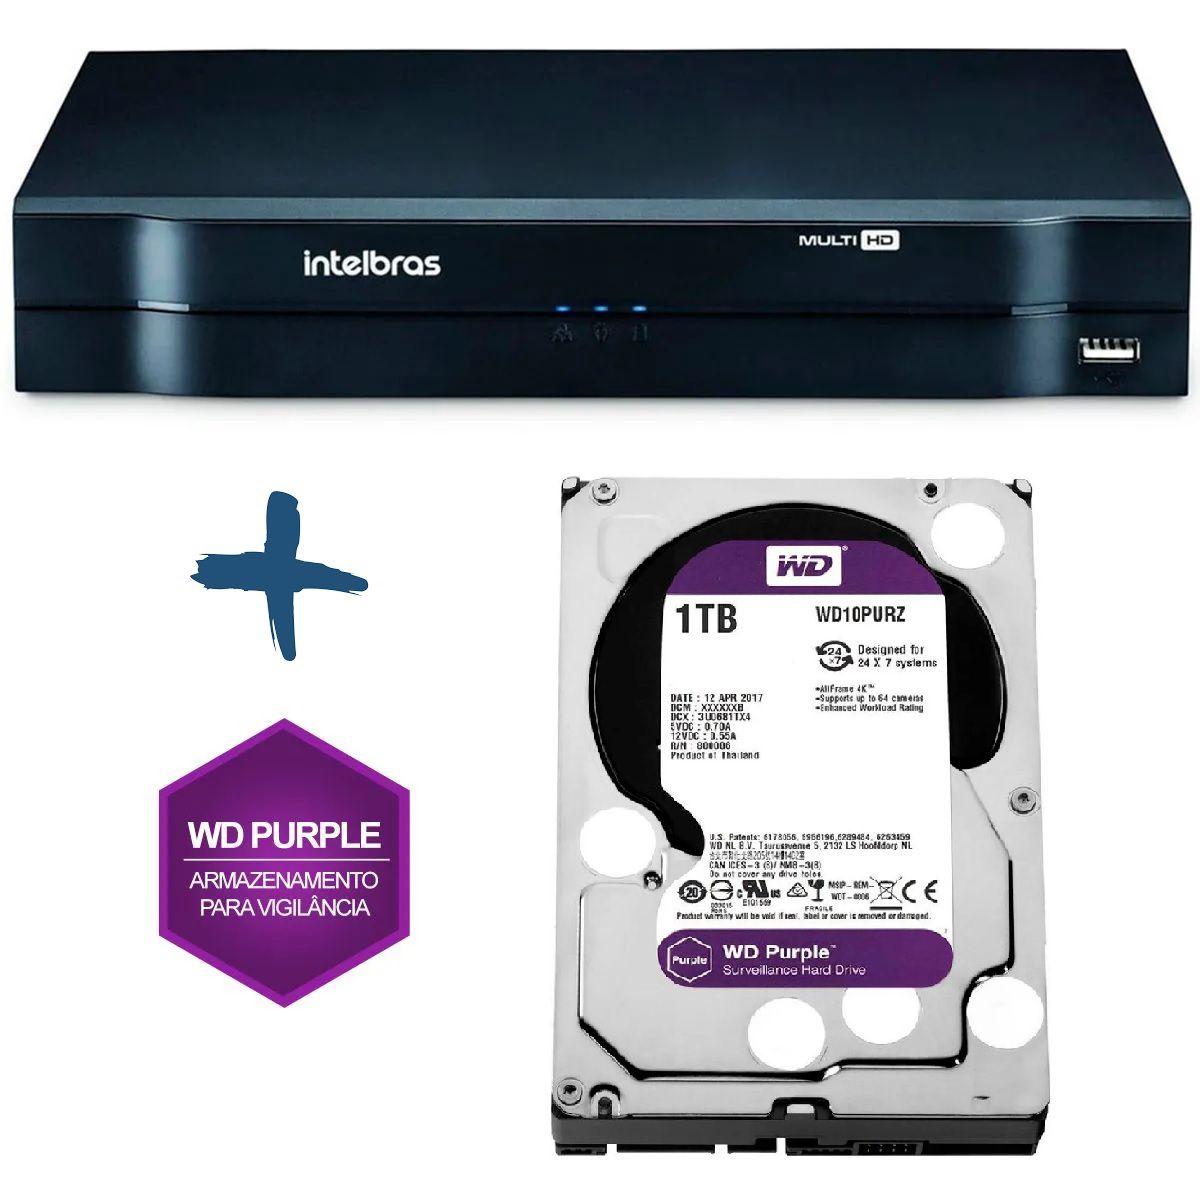 DVR Stand Alone Multi HD Intelbras MHDX-1104 4 Canais + HD 1-TB WD Purple de CFTV